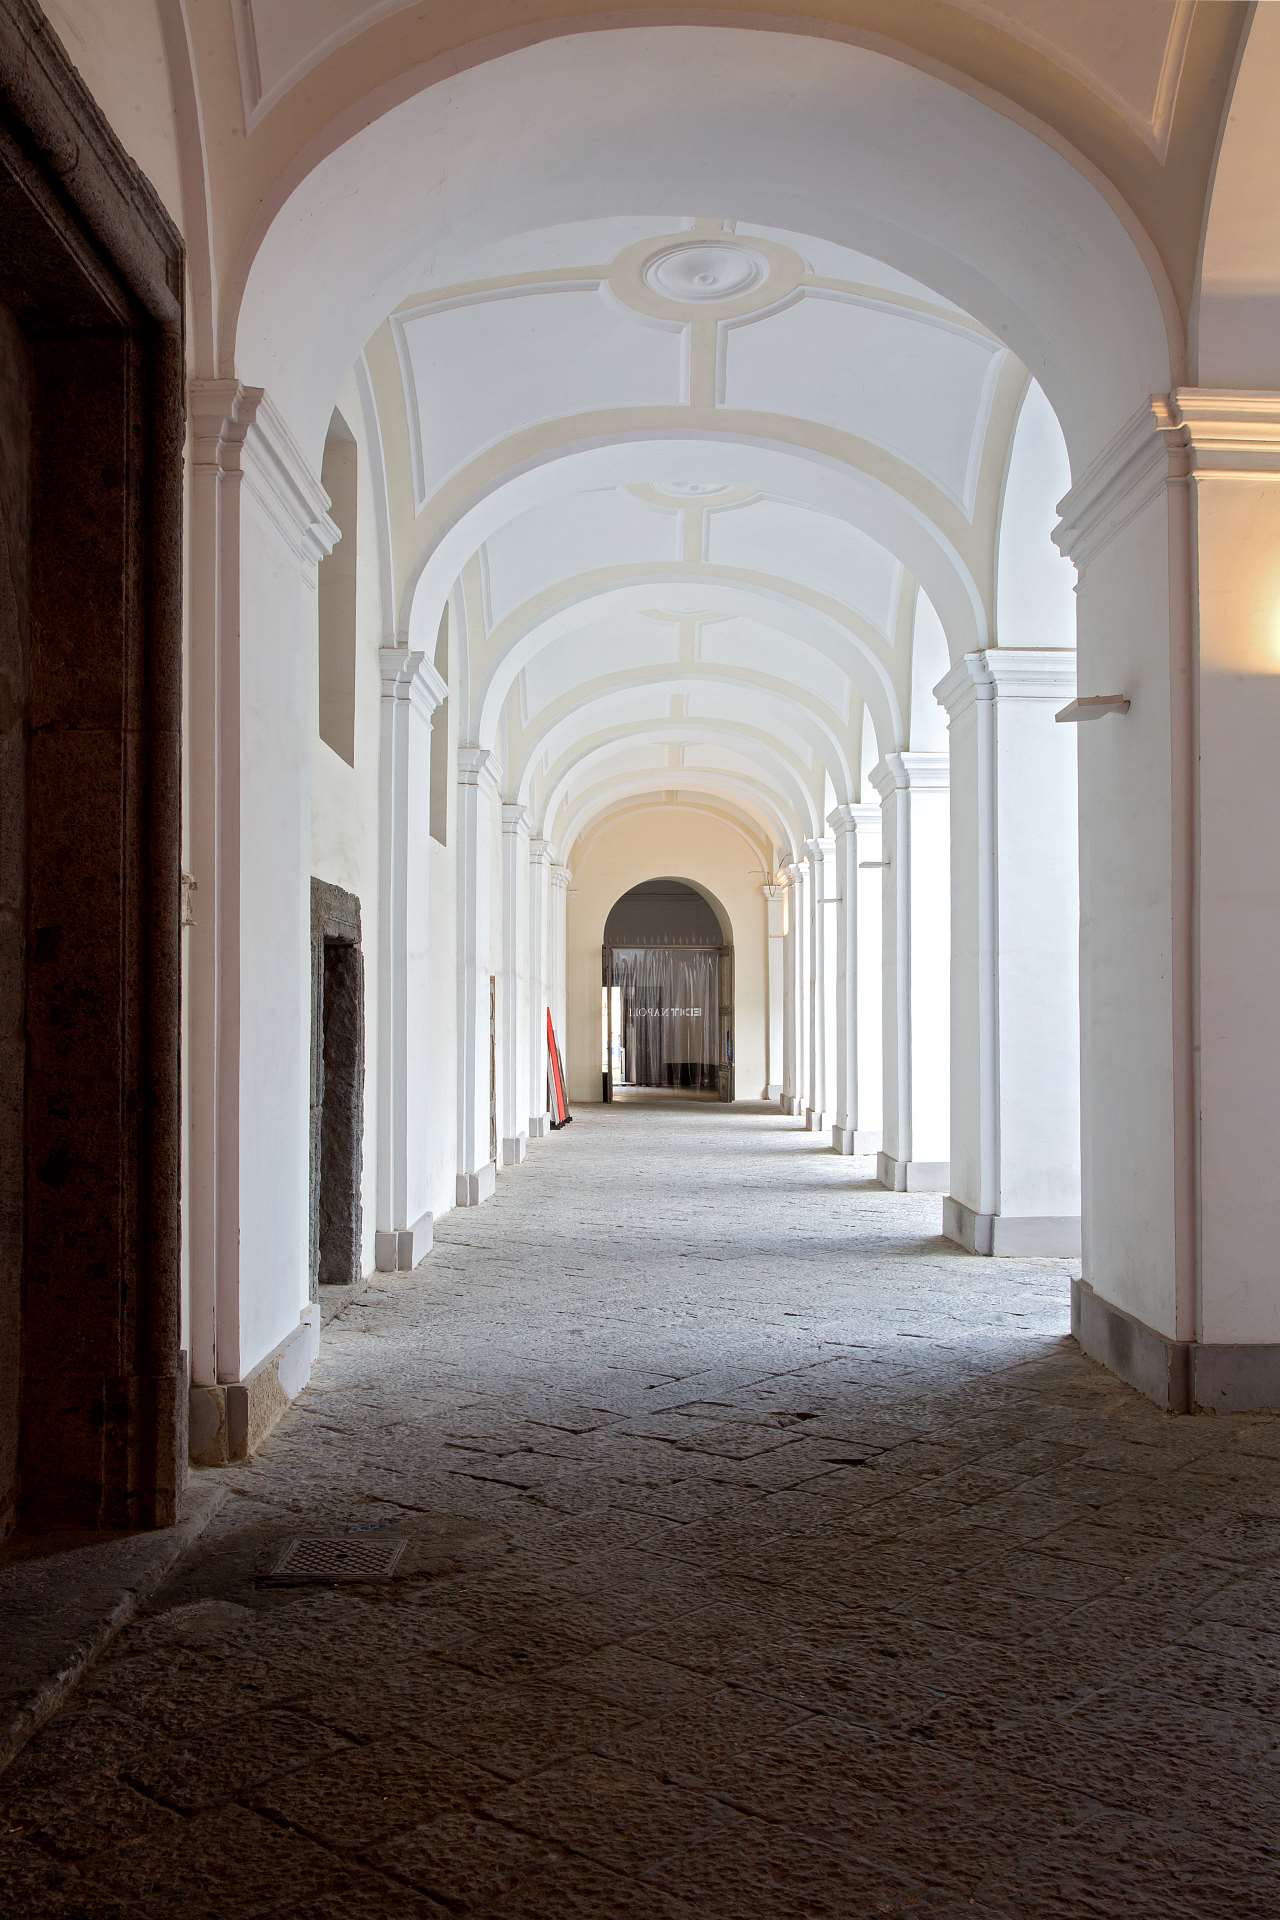 EDIT Napoli,Entrance to the courtyard of the San Domenico Maggiore complex. Photo © Roberto Pierucci.